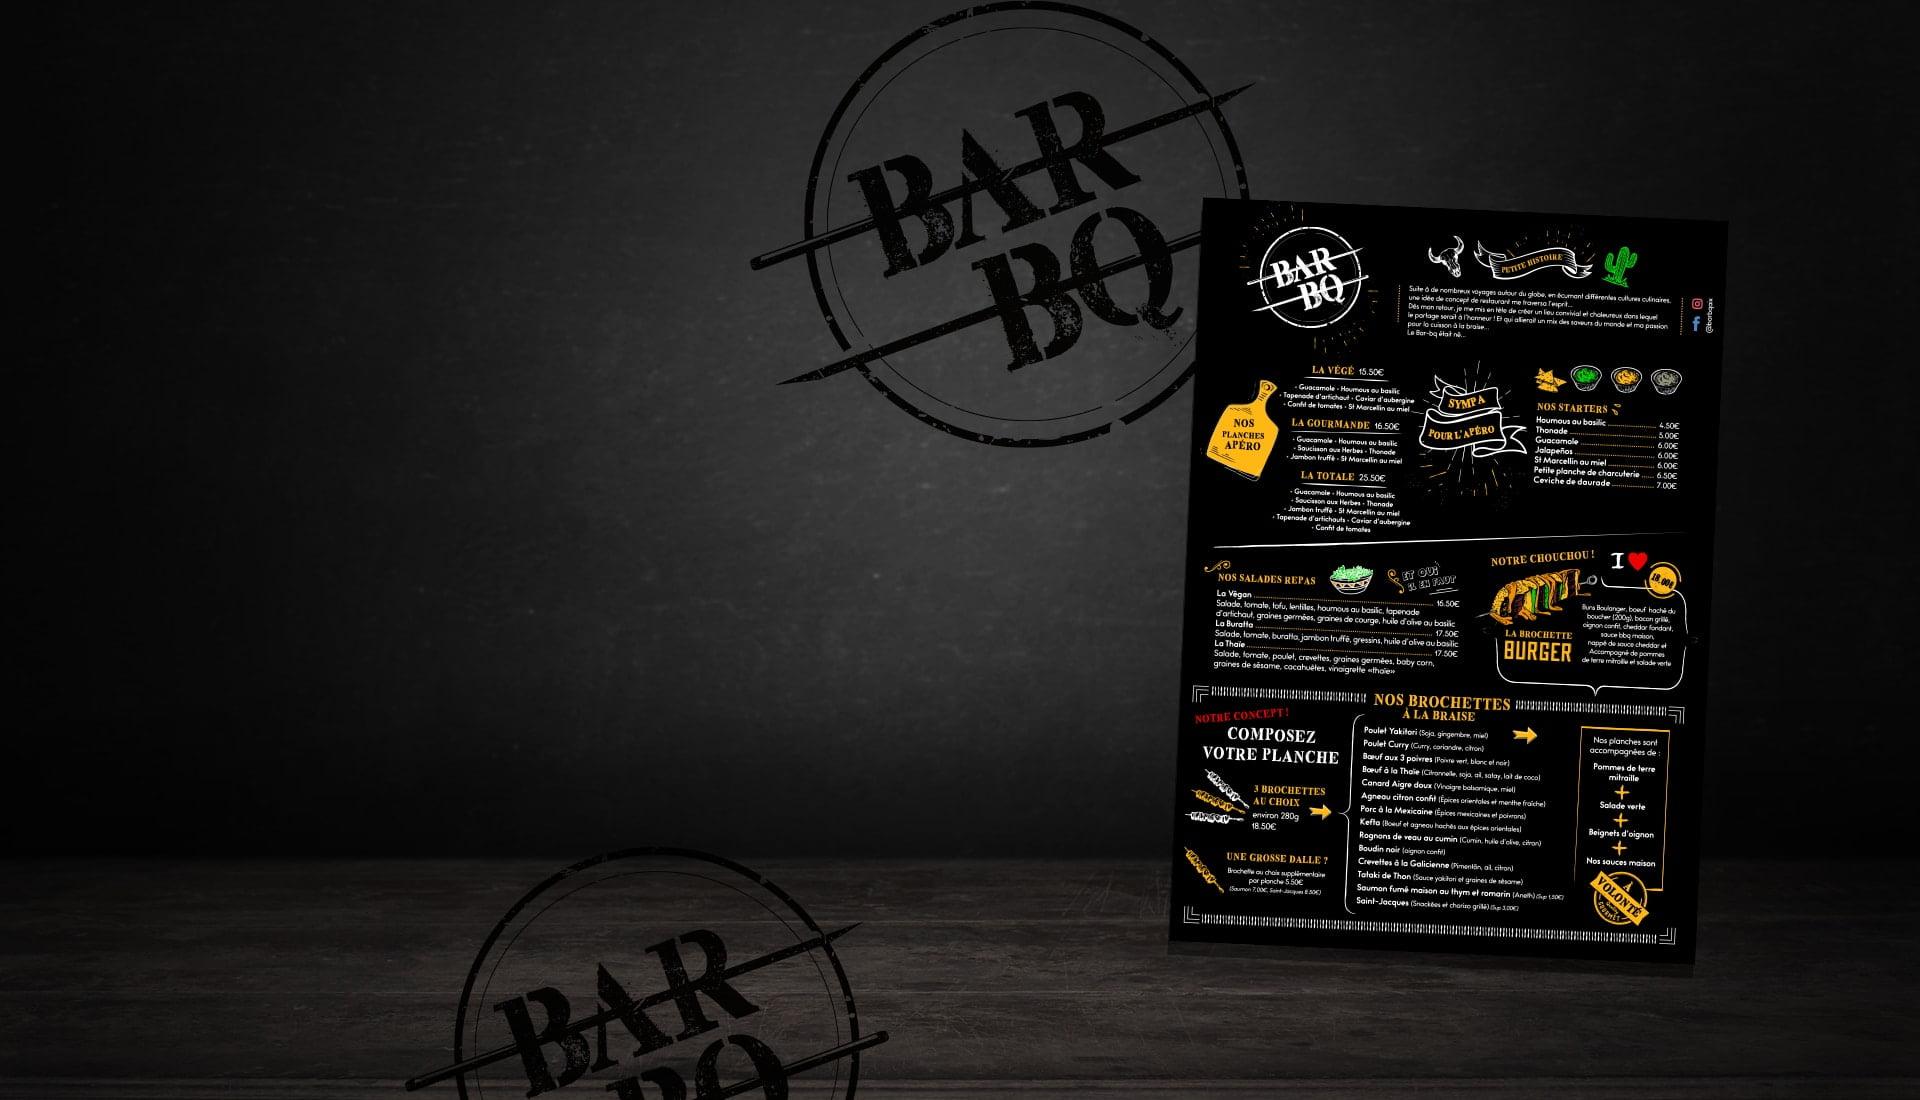 Thumbnail BARBQ